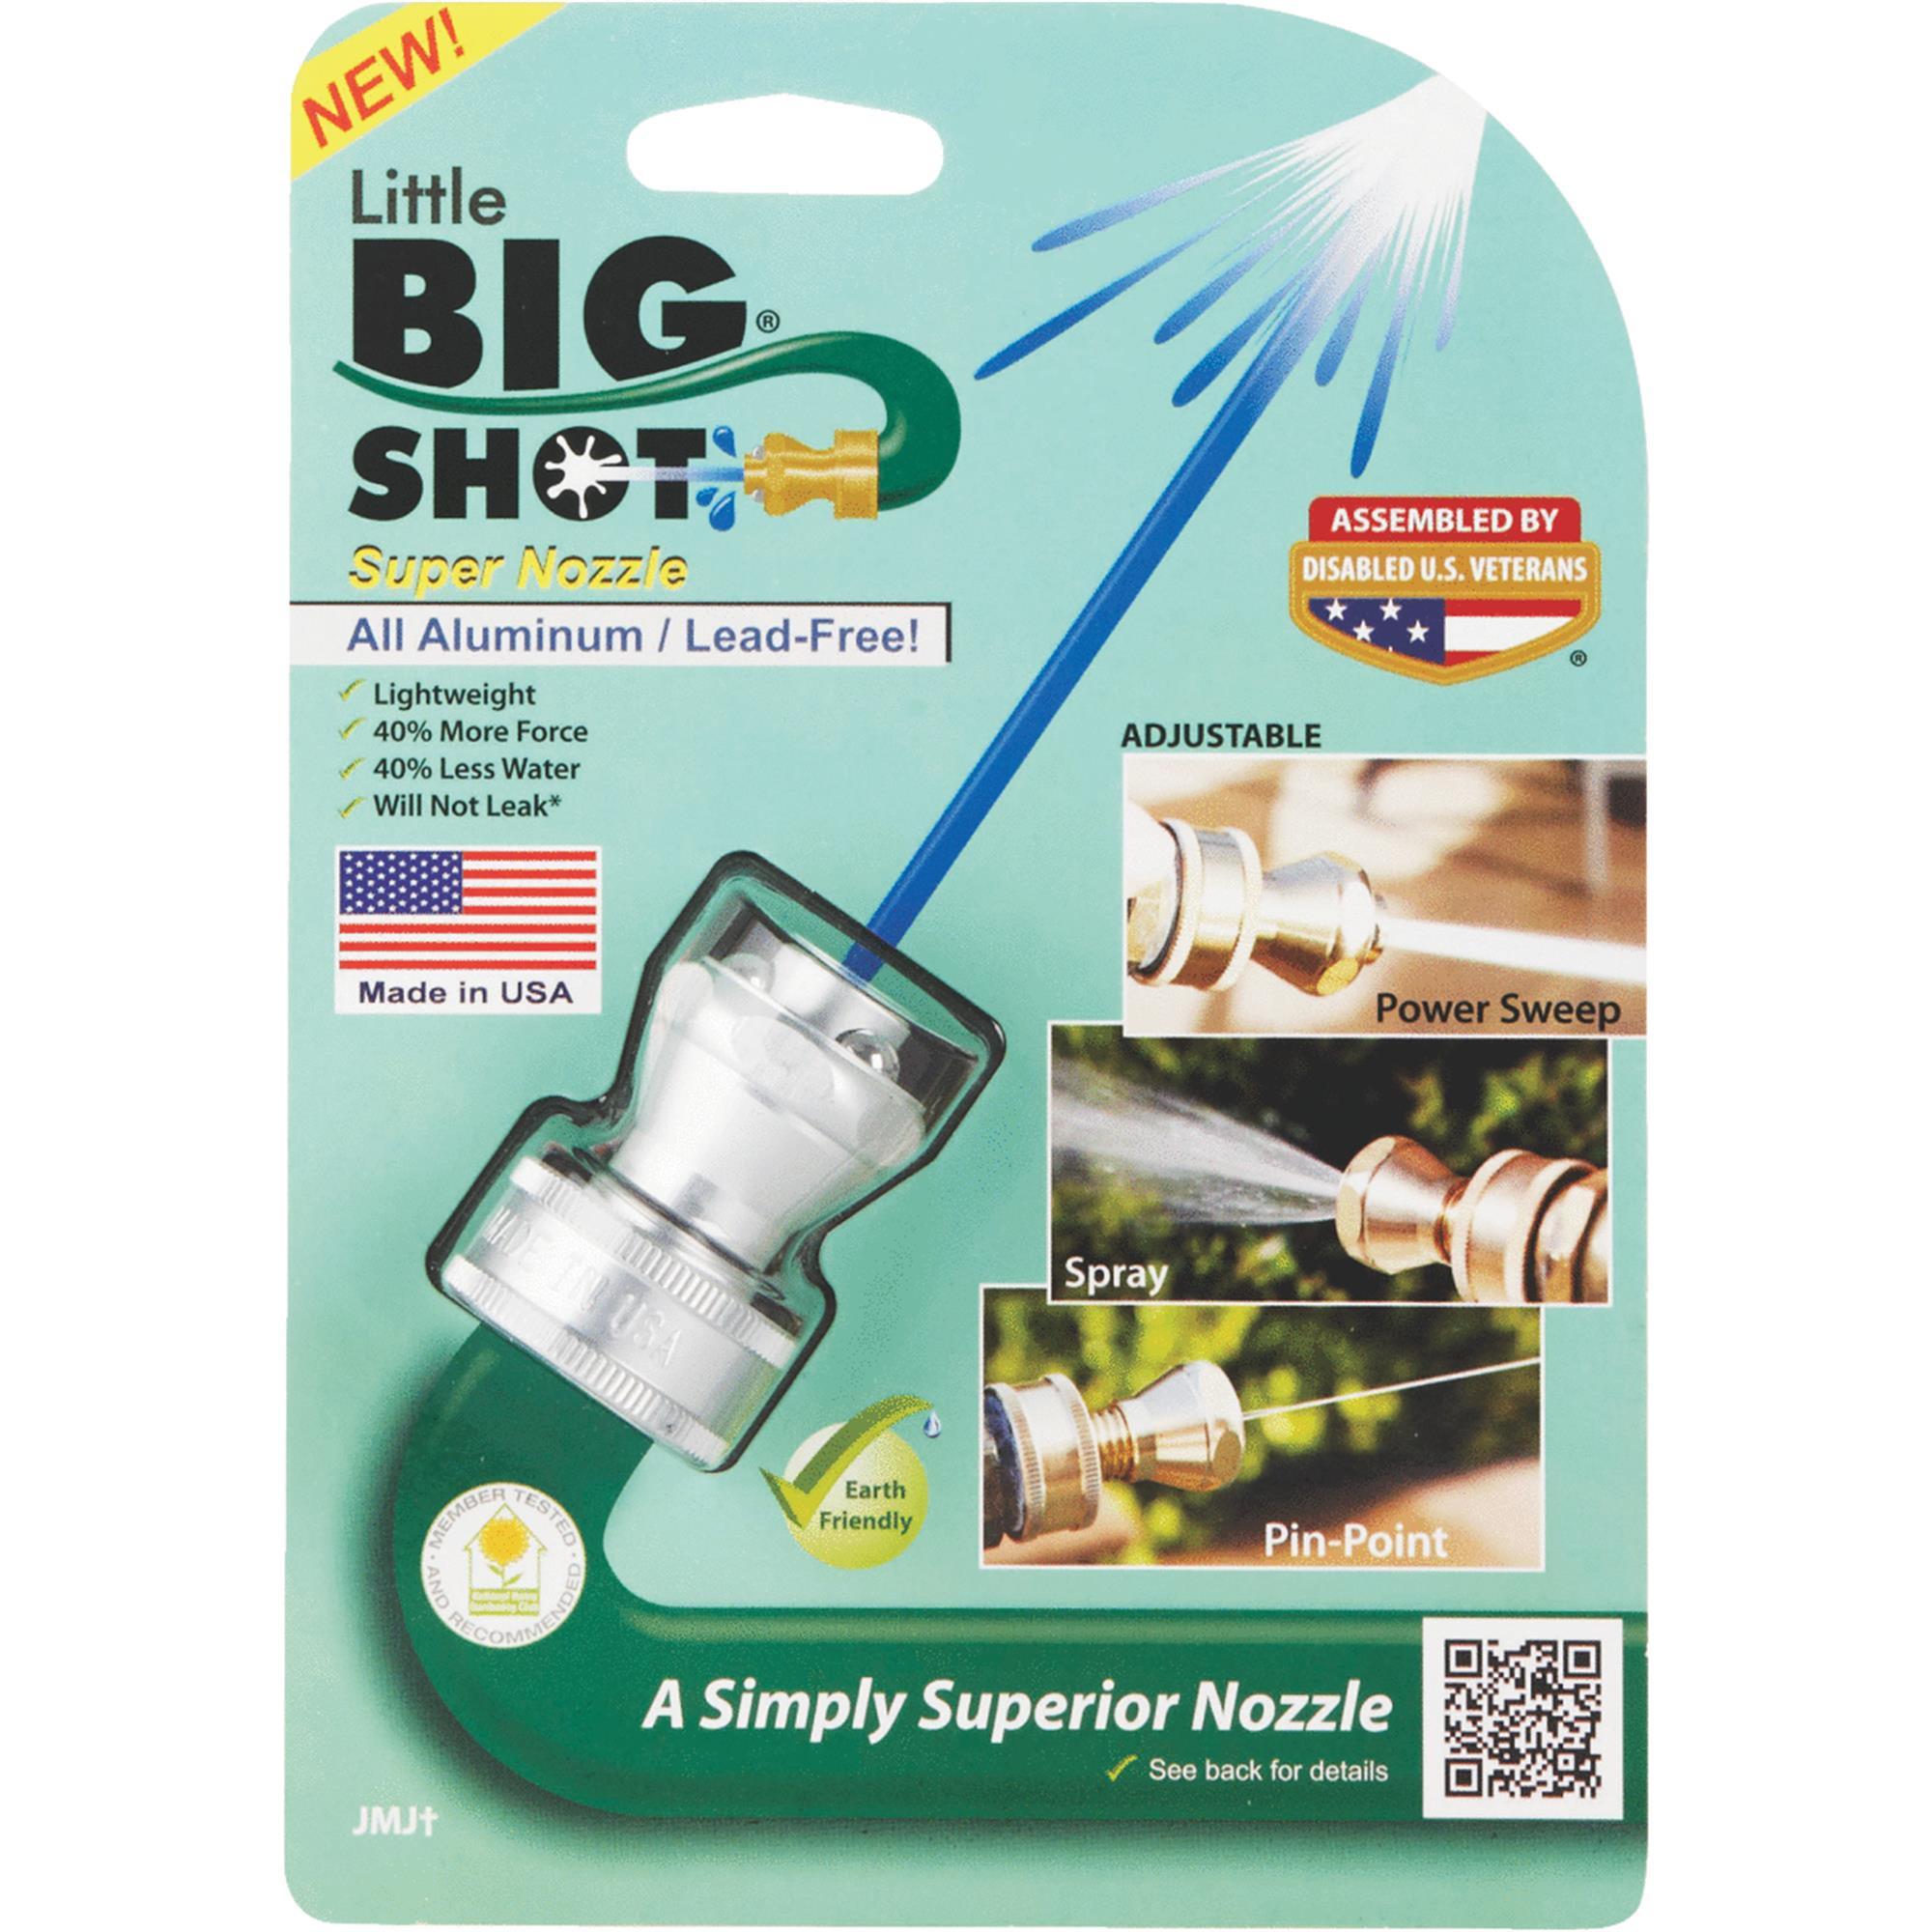 Little Big Shot Twist Nozzle